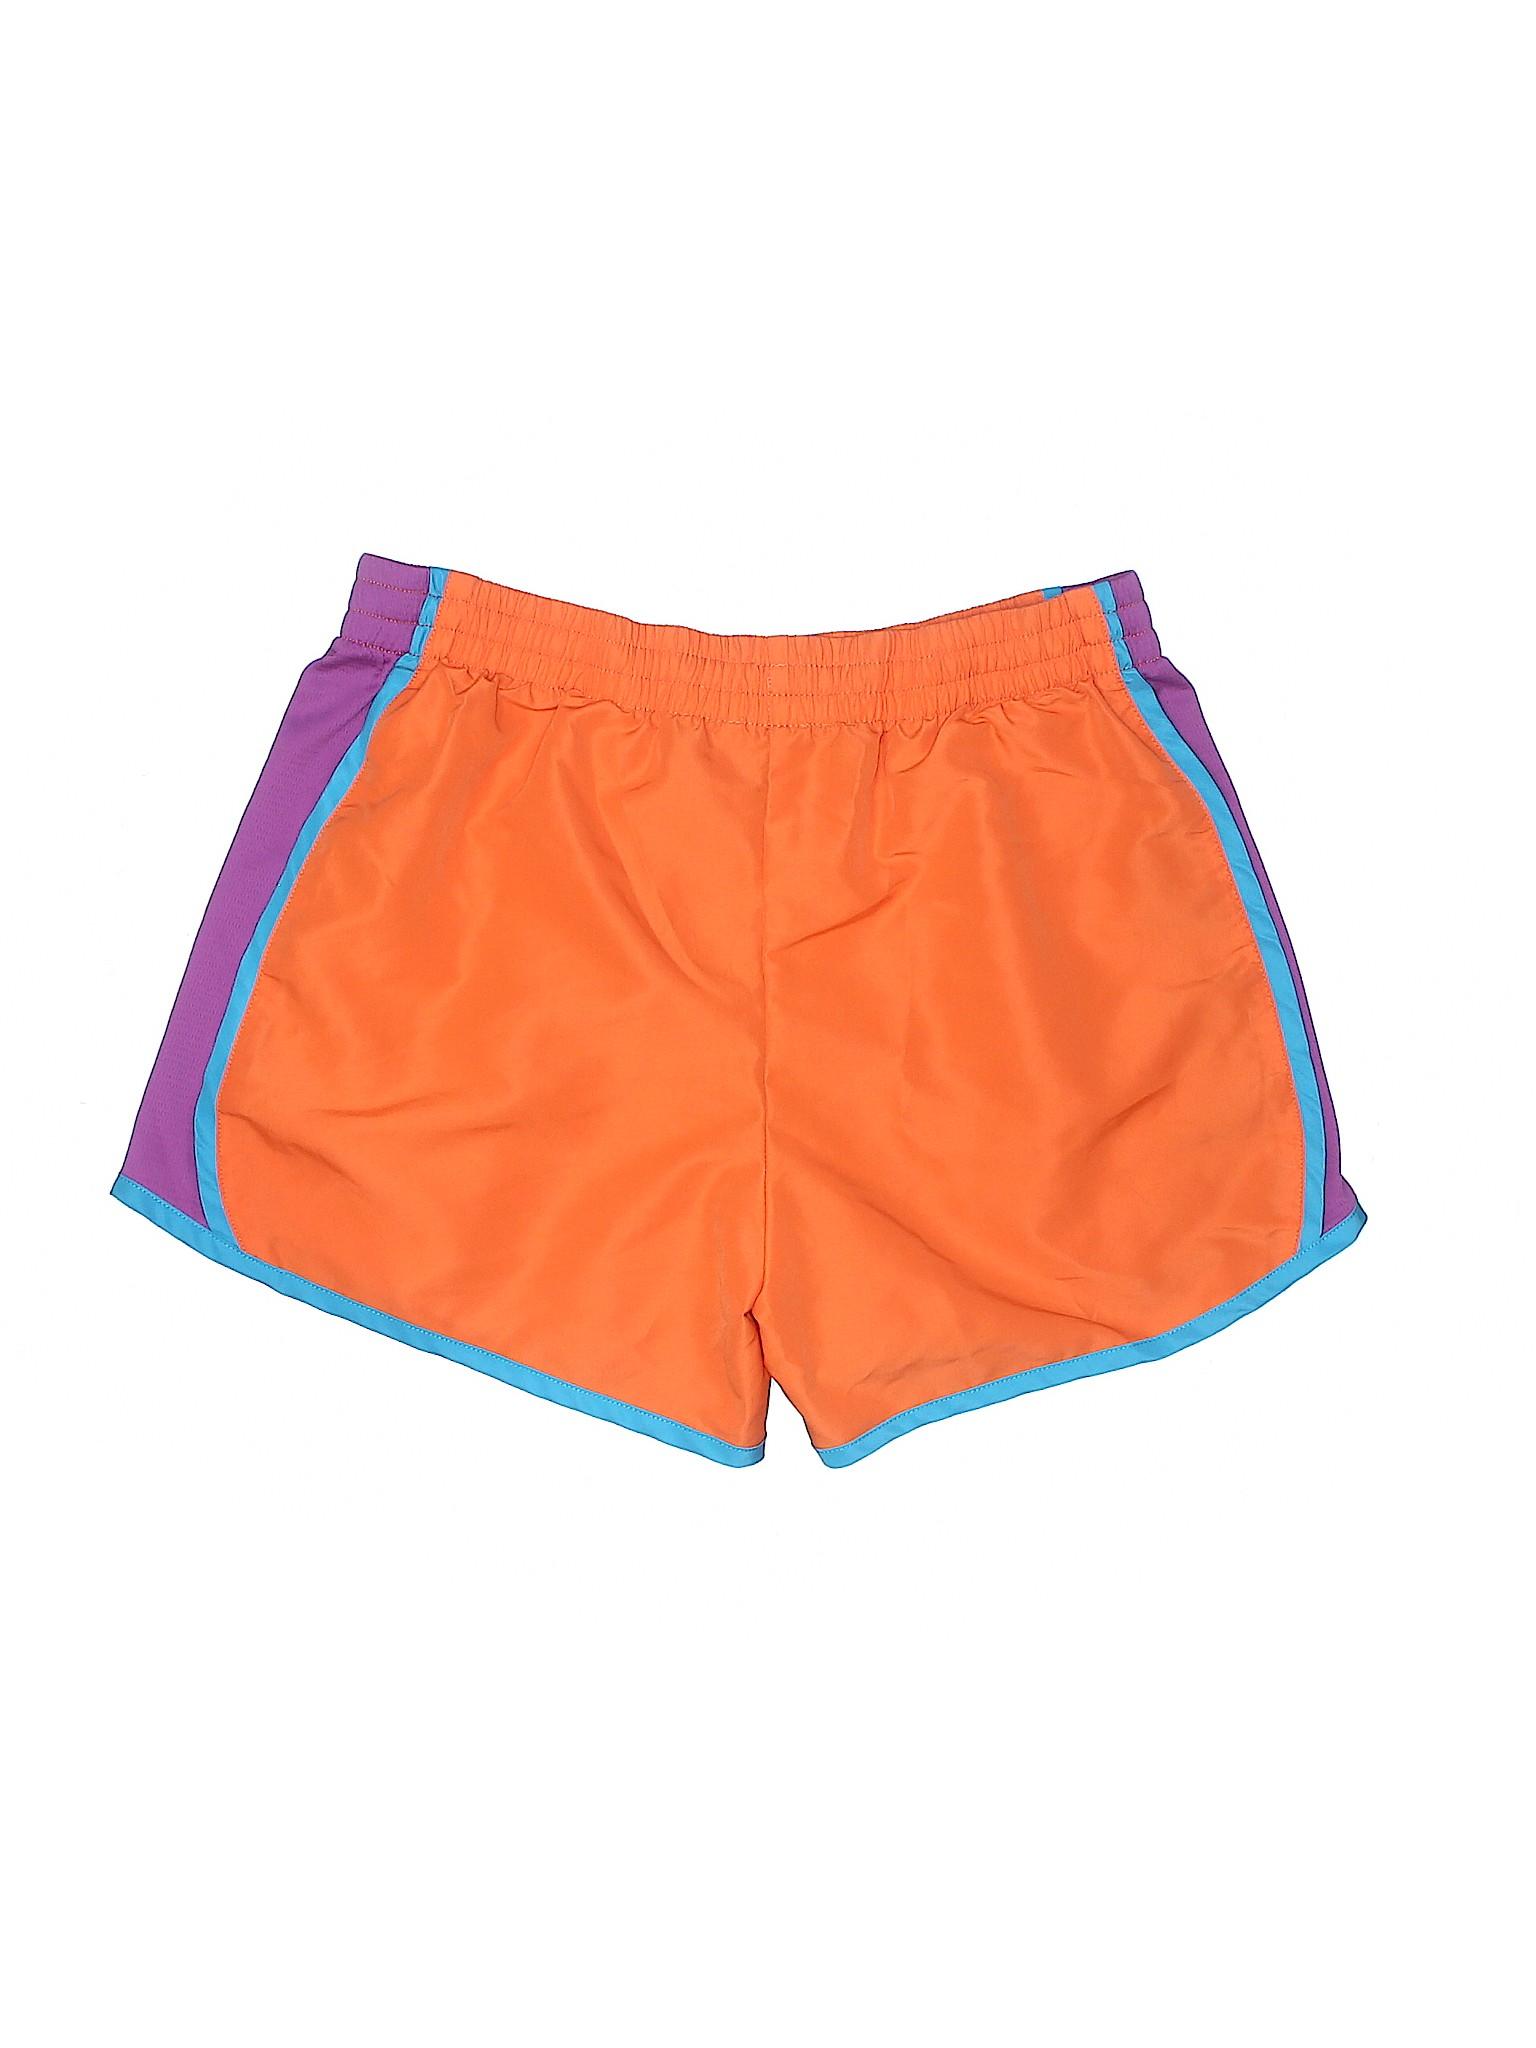 leisure Boutique Shorts Now Danskin Athletic 7R7qxX6wC